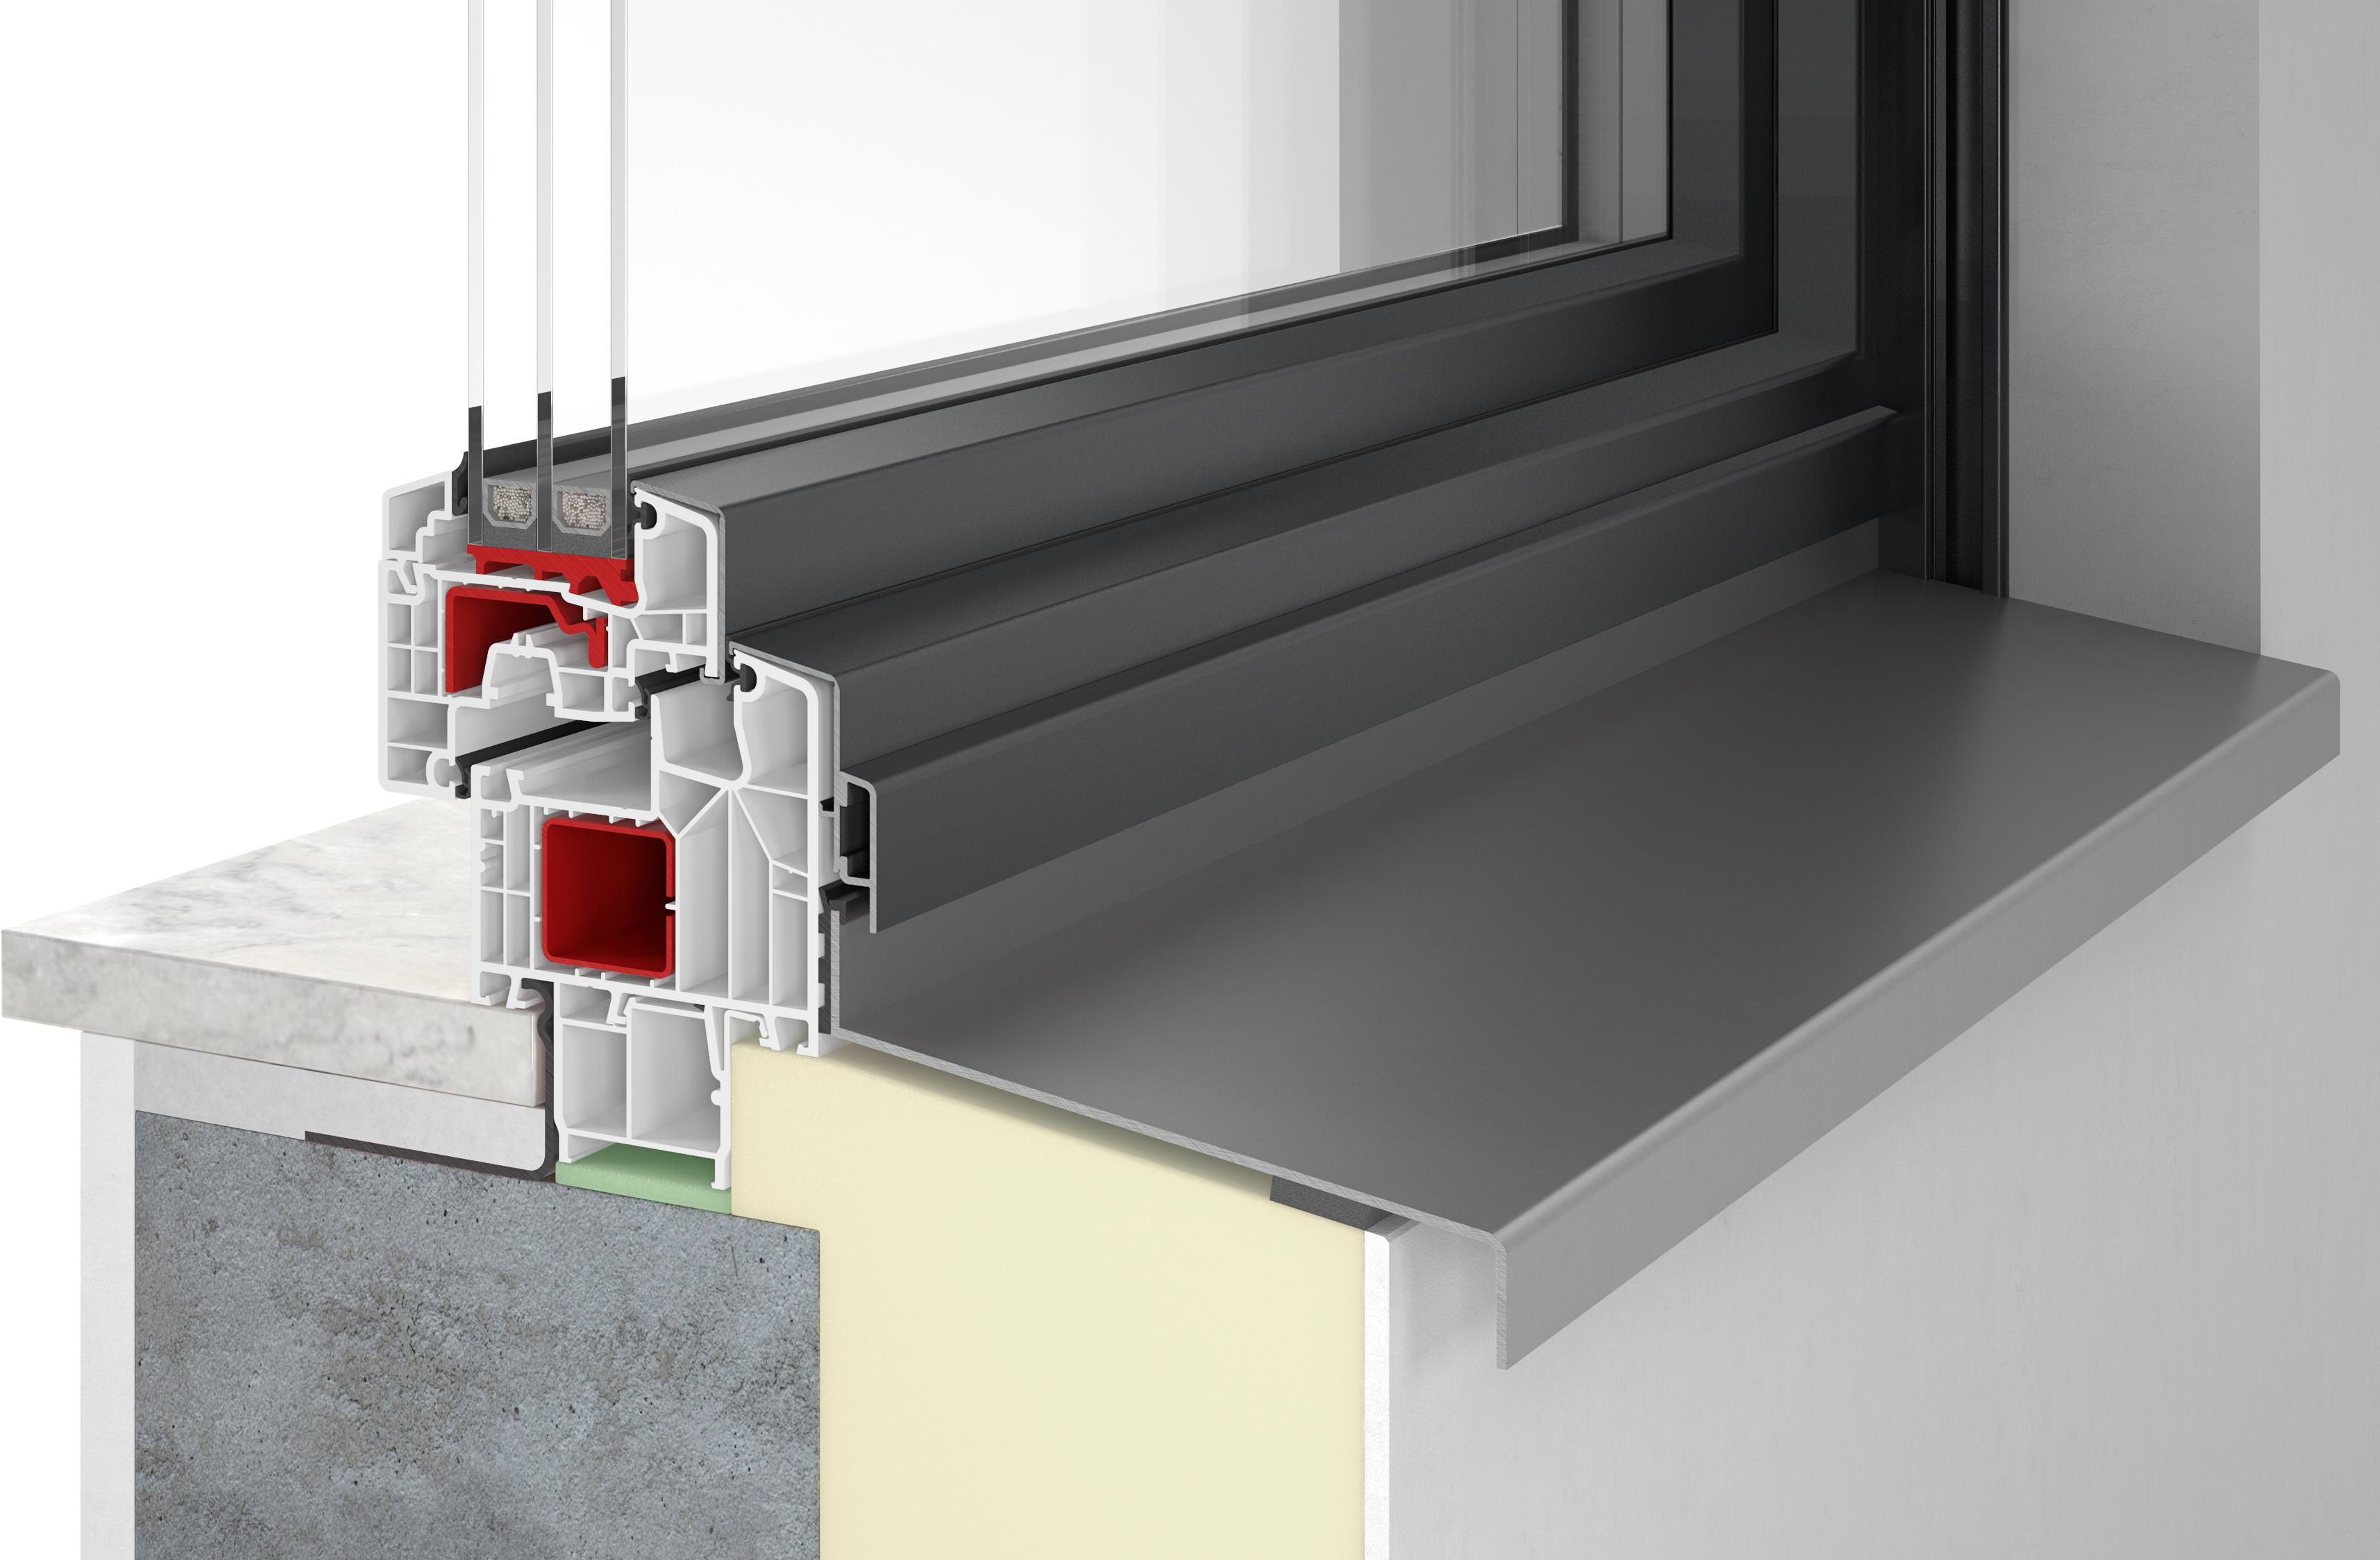 kunststoff alu fenster mit schlanken ansichtsbreiten la. Black Bedroom Furniture Sets. Home Design Ideas